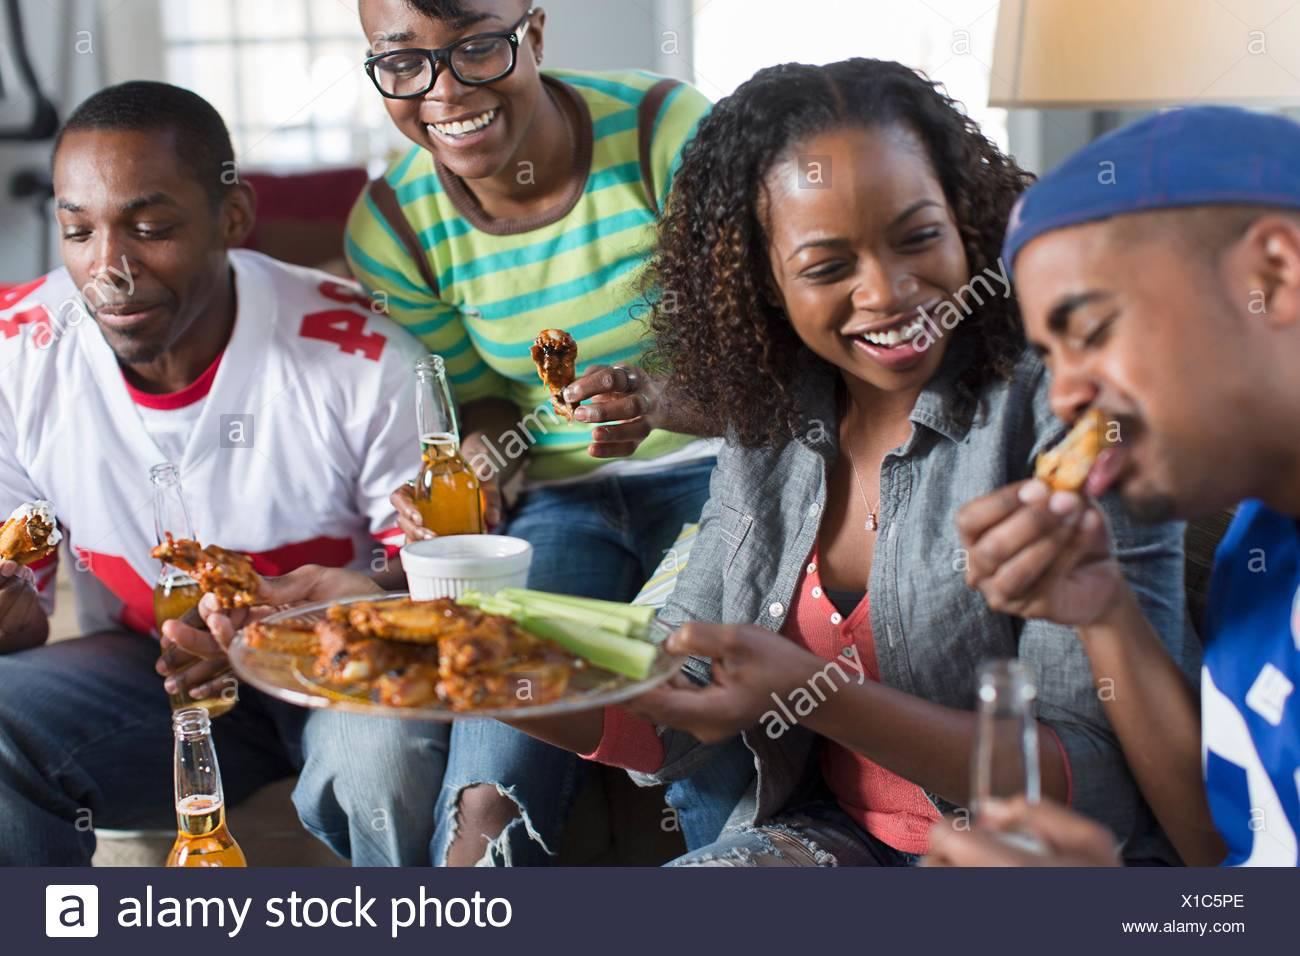 Gruppo di amici adulti mangiare pasti da asporto sul divano Immagini Stock